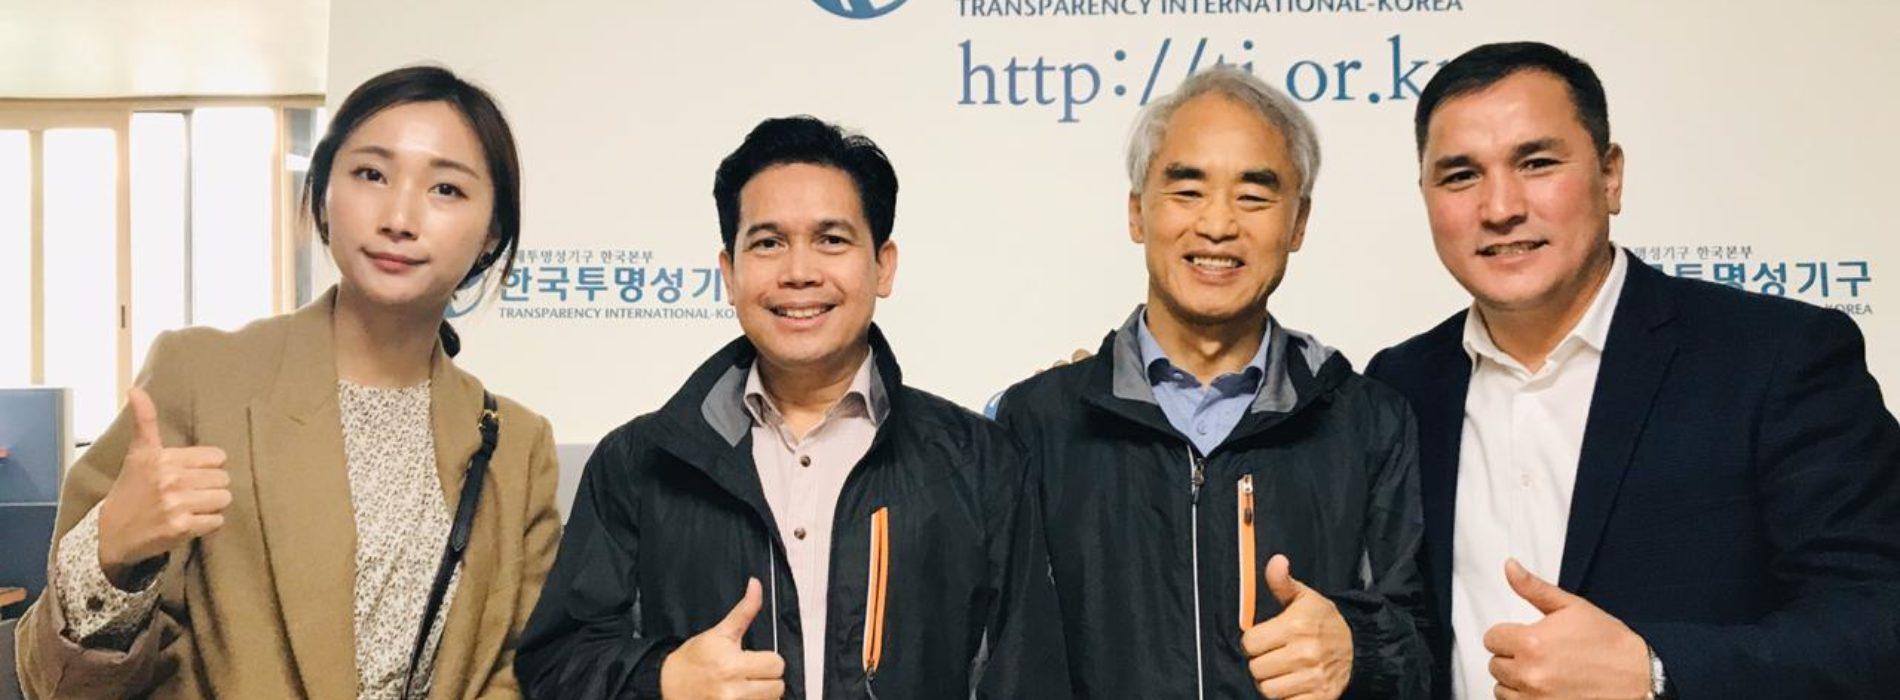 Корейские общественники, ведущие борьбу с коррупцией высоко оценили казахстанский опыт